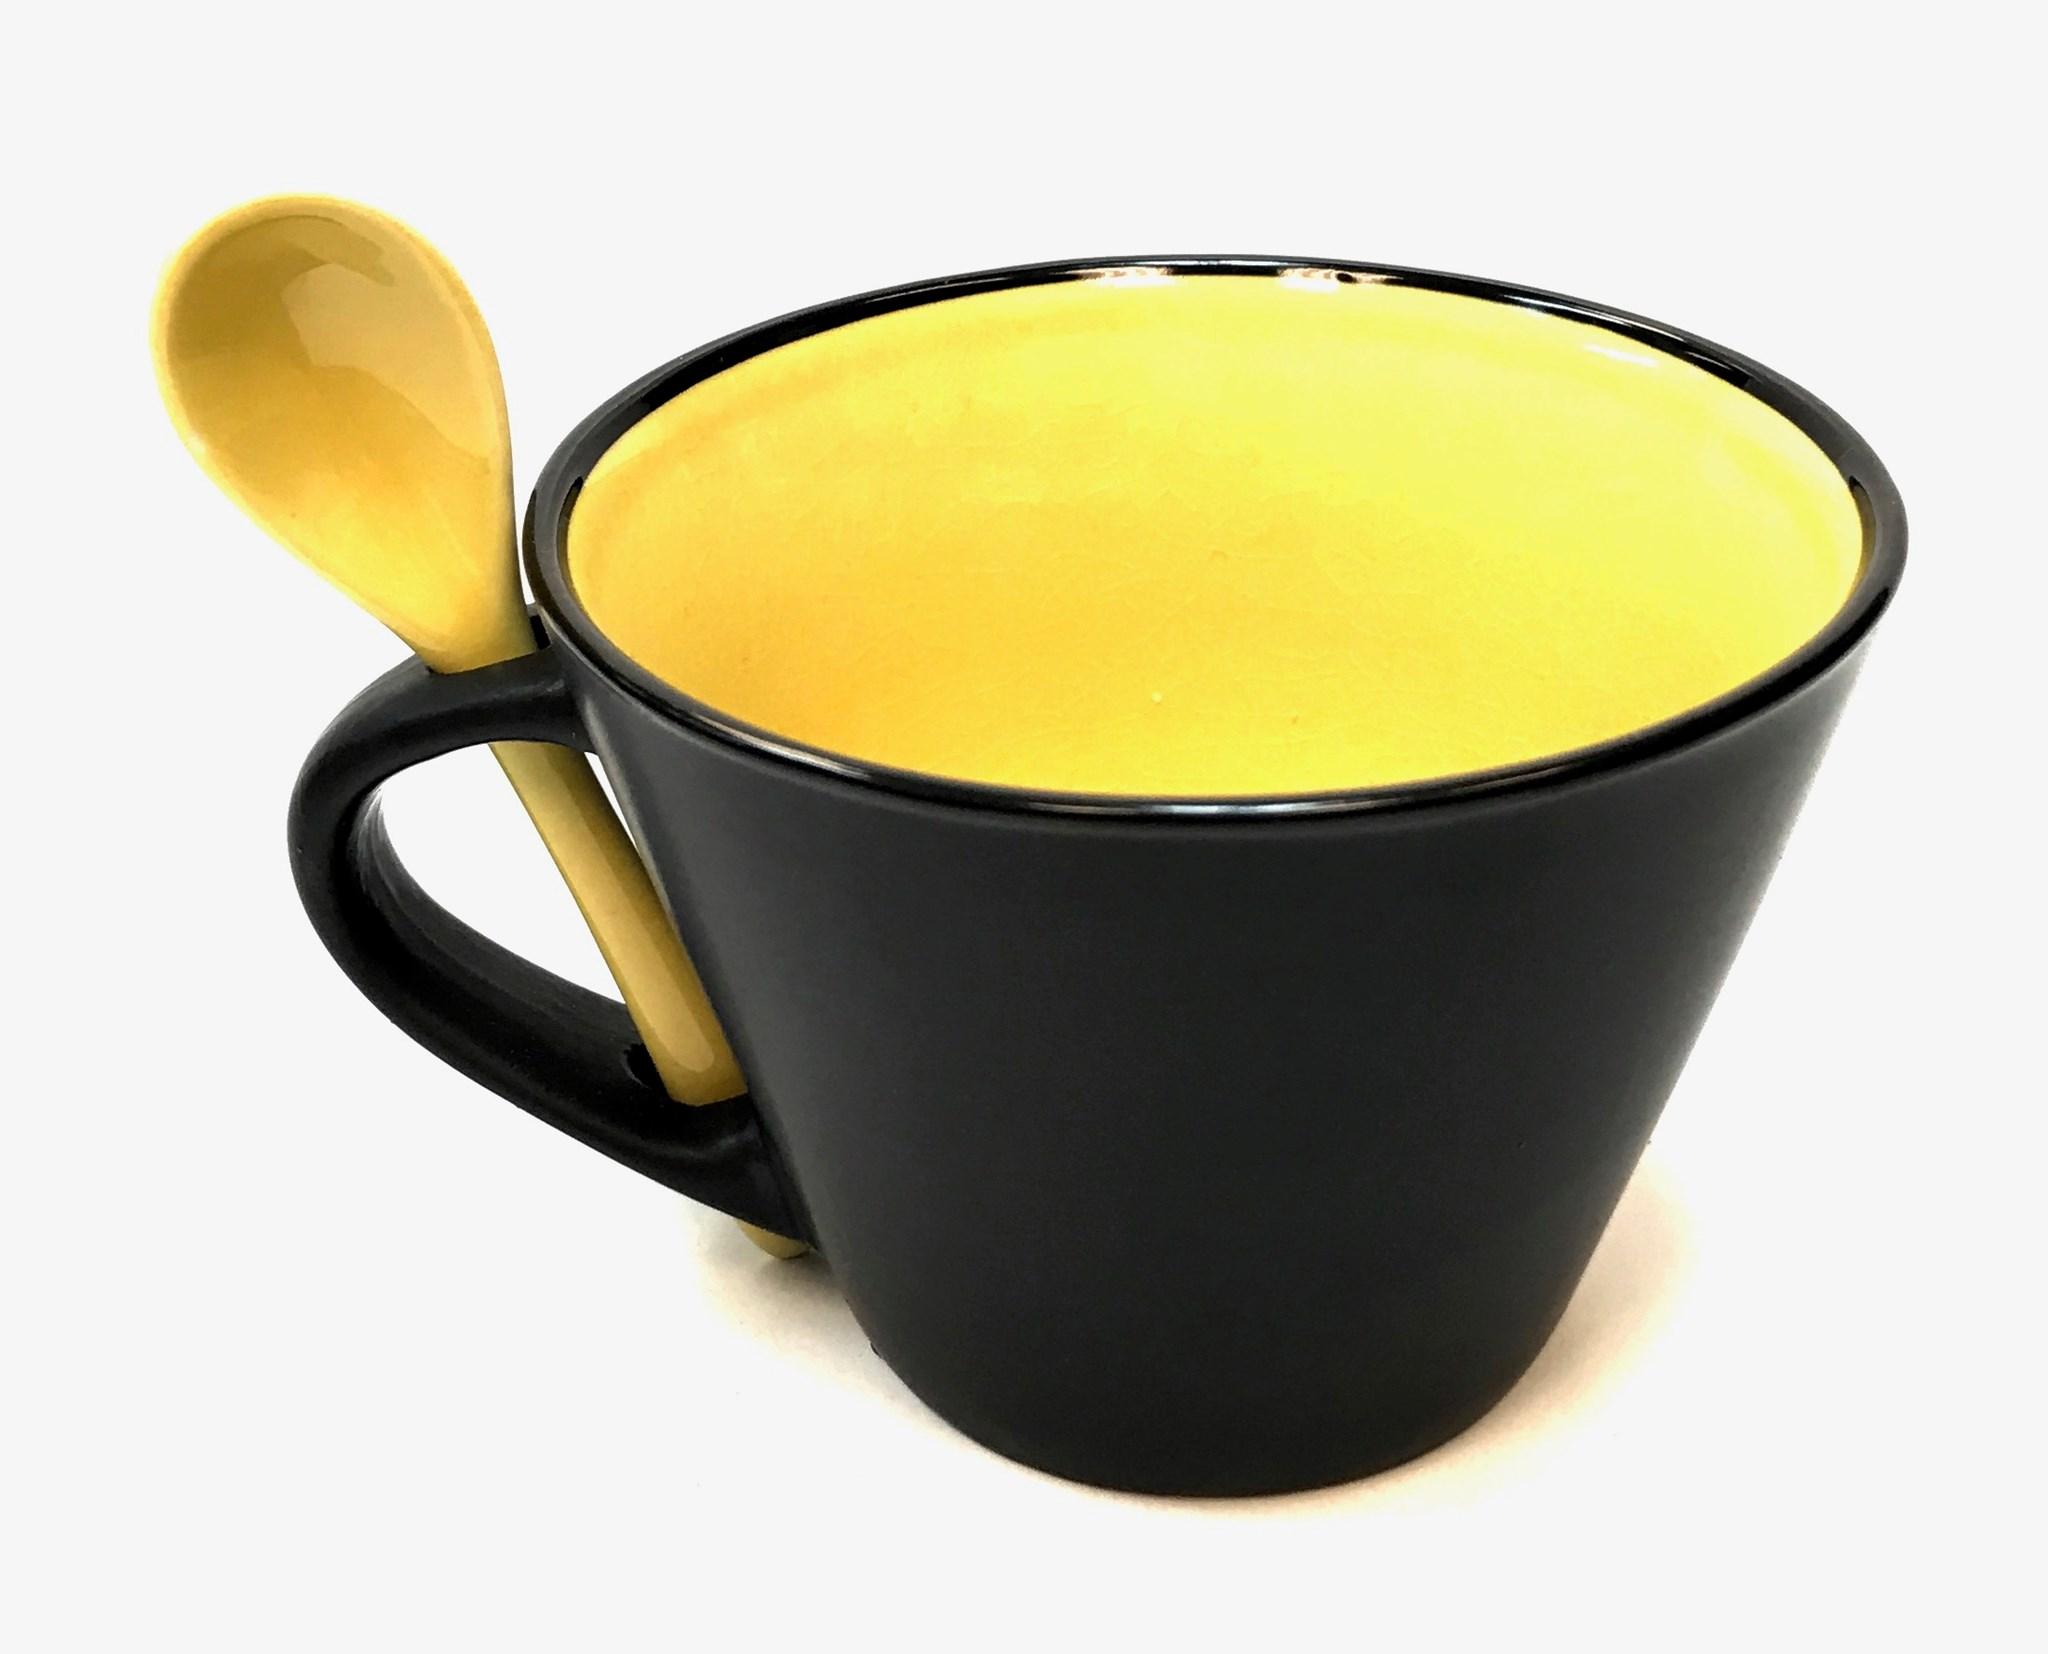 16 Oz Matte Mug W/Spoon - Yellow/Black